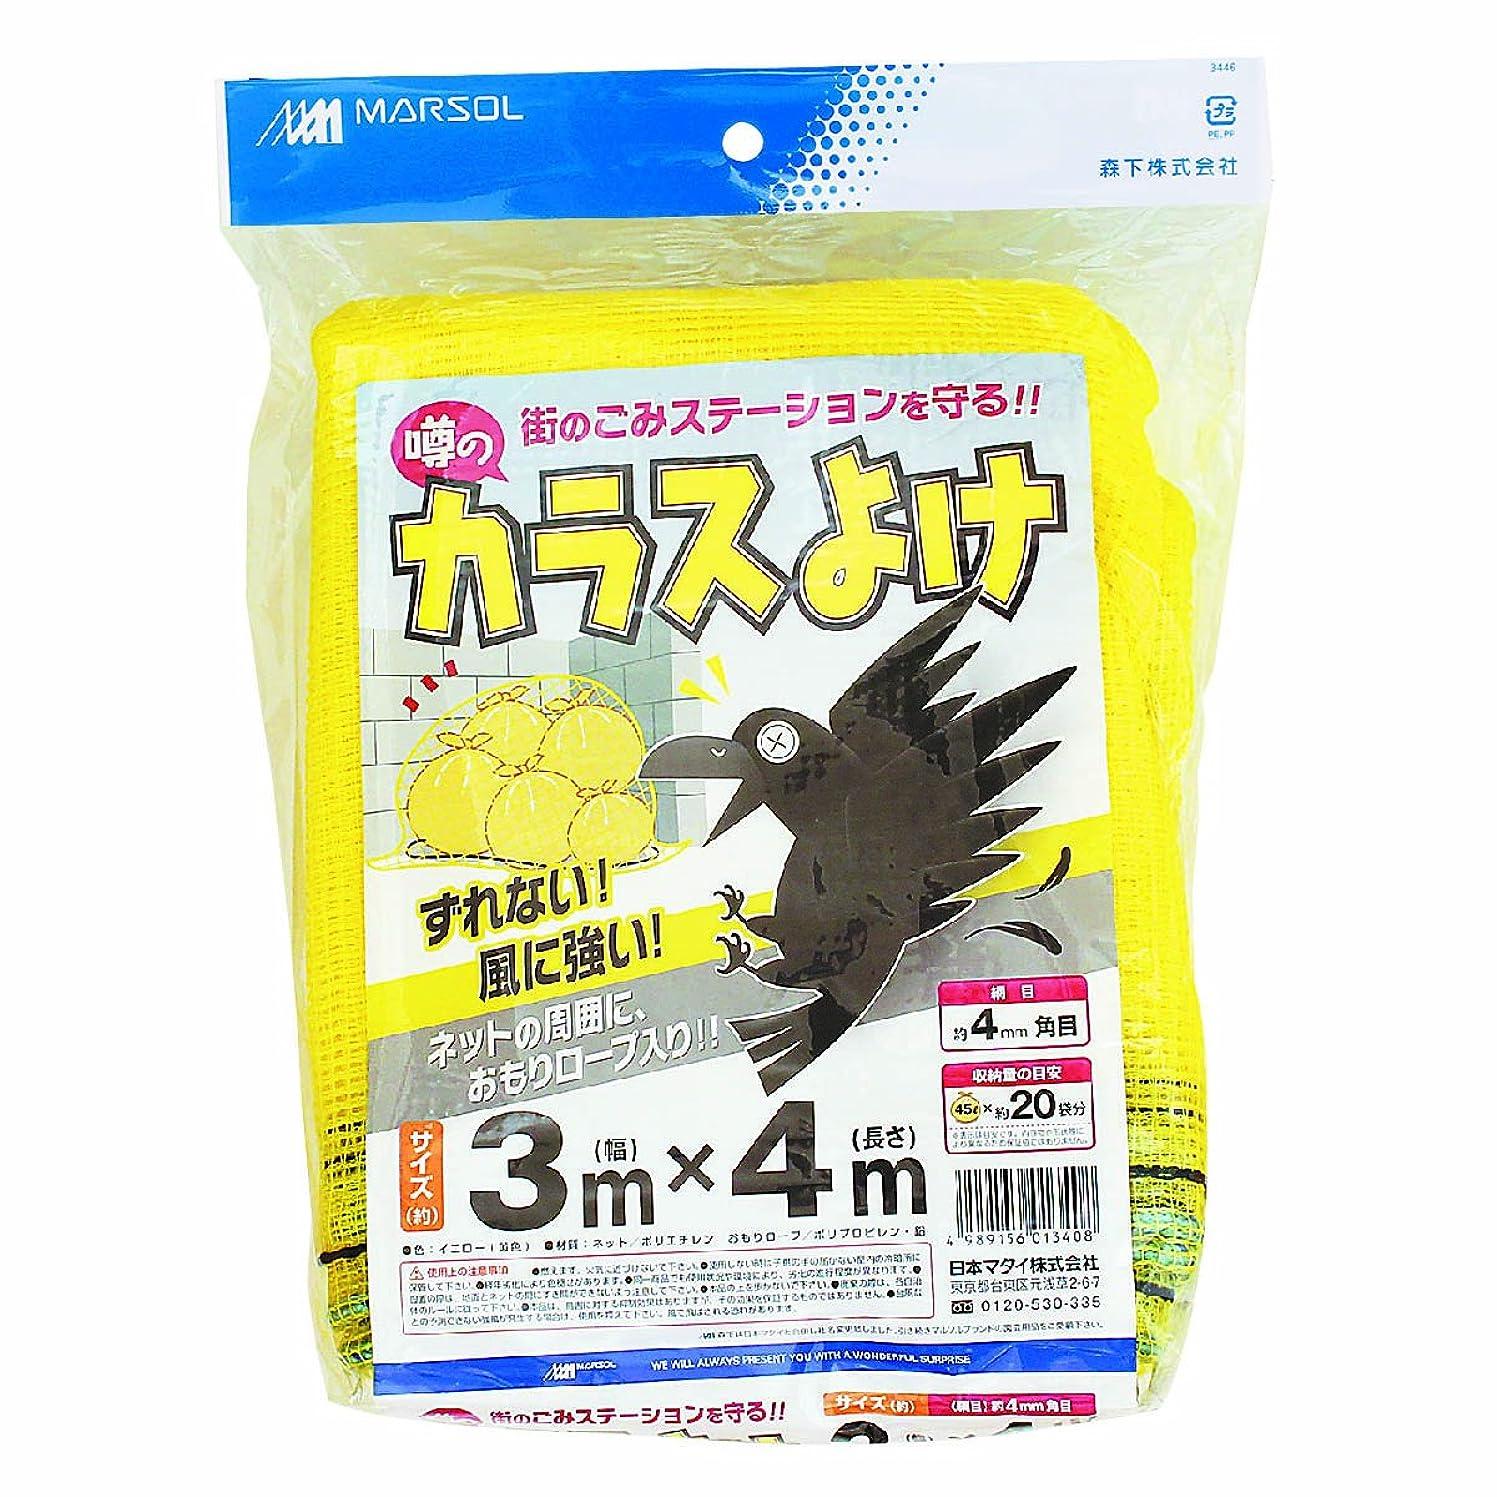 ネズミ着服たくさん日本マタイ(MARSOL) カラスよけネット 噂の黄色いカラスよけネット 4mm目 3m×4m HC01340 周囲沿線ロープ入り 黄色